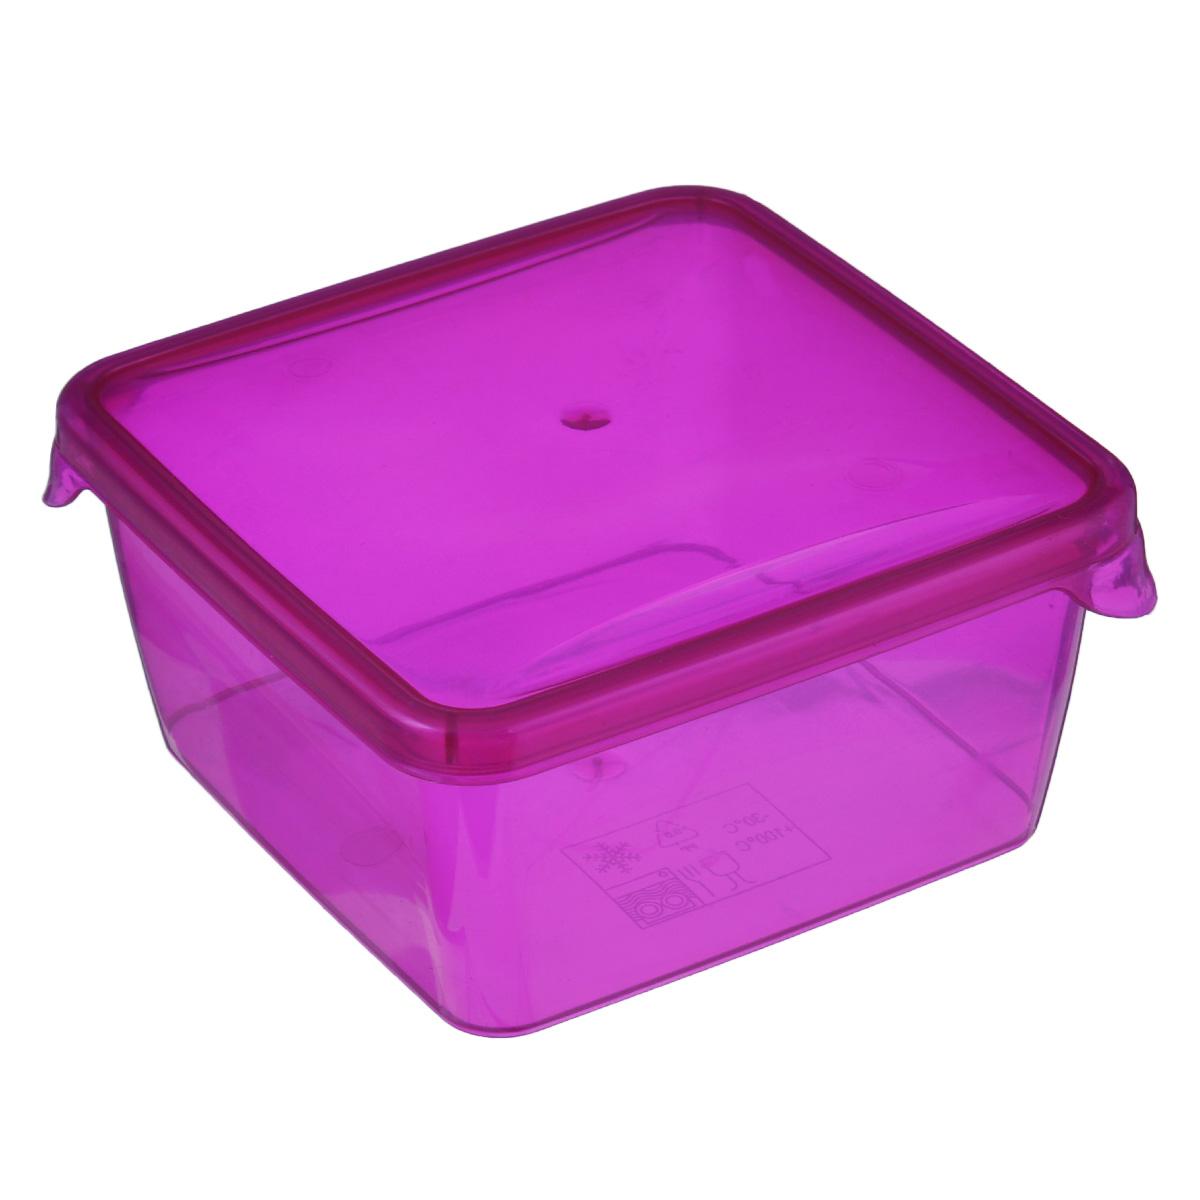 Контейнер P&C Браво, цвет: розовый, 450 млПЦ1030Контейнер P&C Браво выполнен из высококачественного пищевого прозрачного пластика и предназначен для хранения и транспортировки пищи. Крышка легко открывается и плотно закрывается с помощью легкого щелчка. Подходит для использования в микроволновой печи без крышки (до +100°С), для заморозки при минимальной температуре -30°С. Можно мыть в посудомоечной машине.